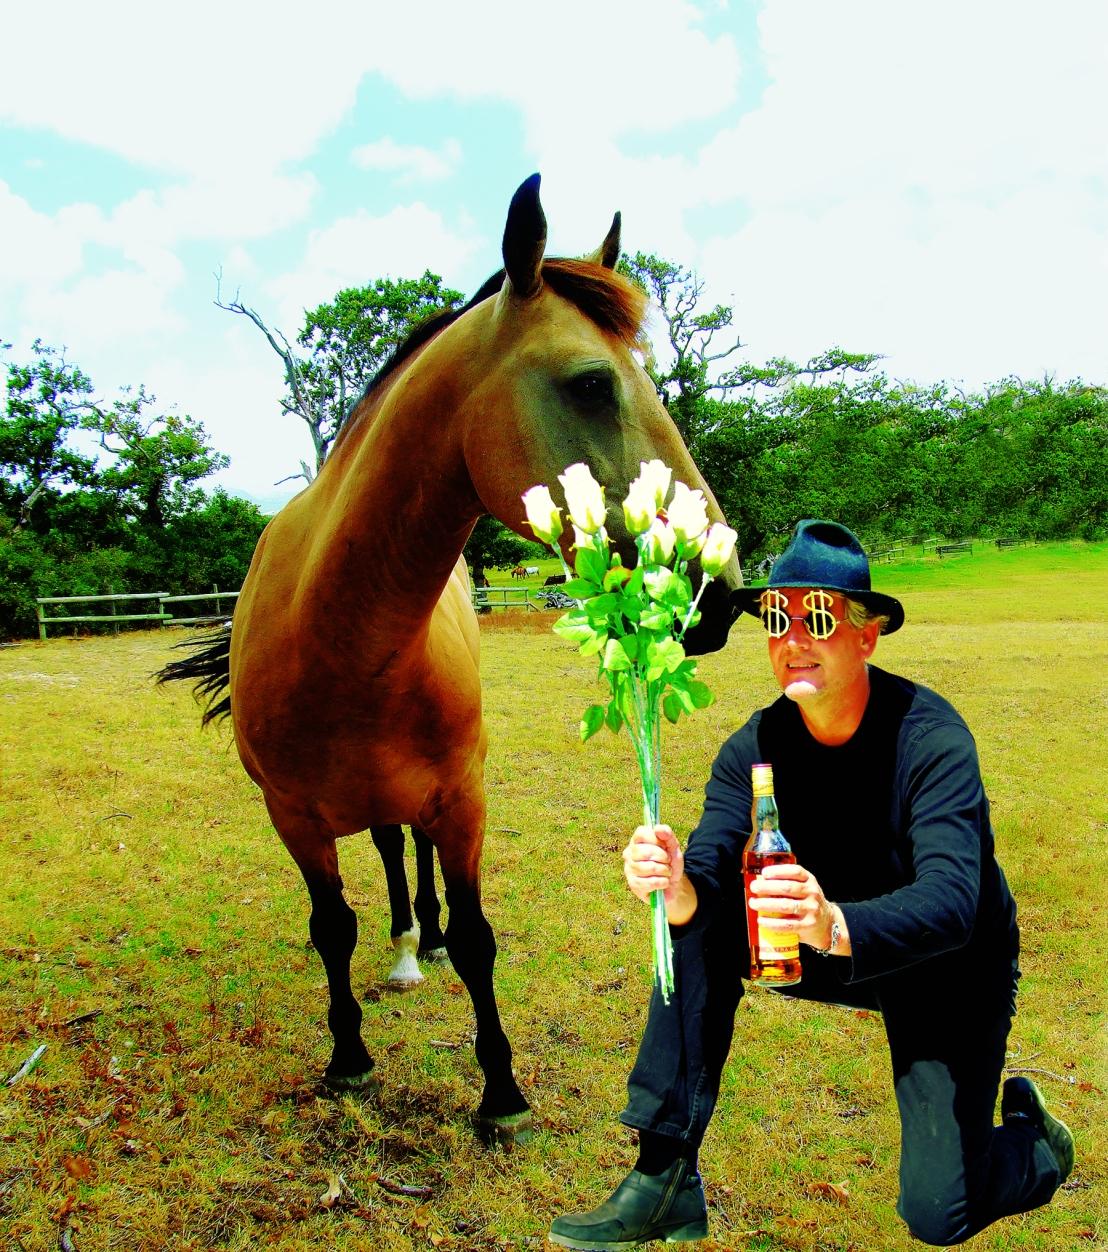 horseingaroundsmall